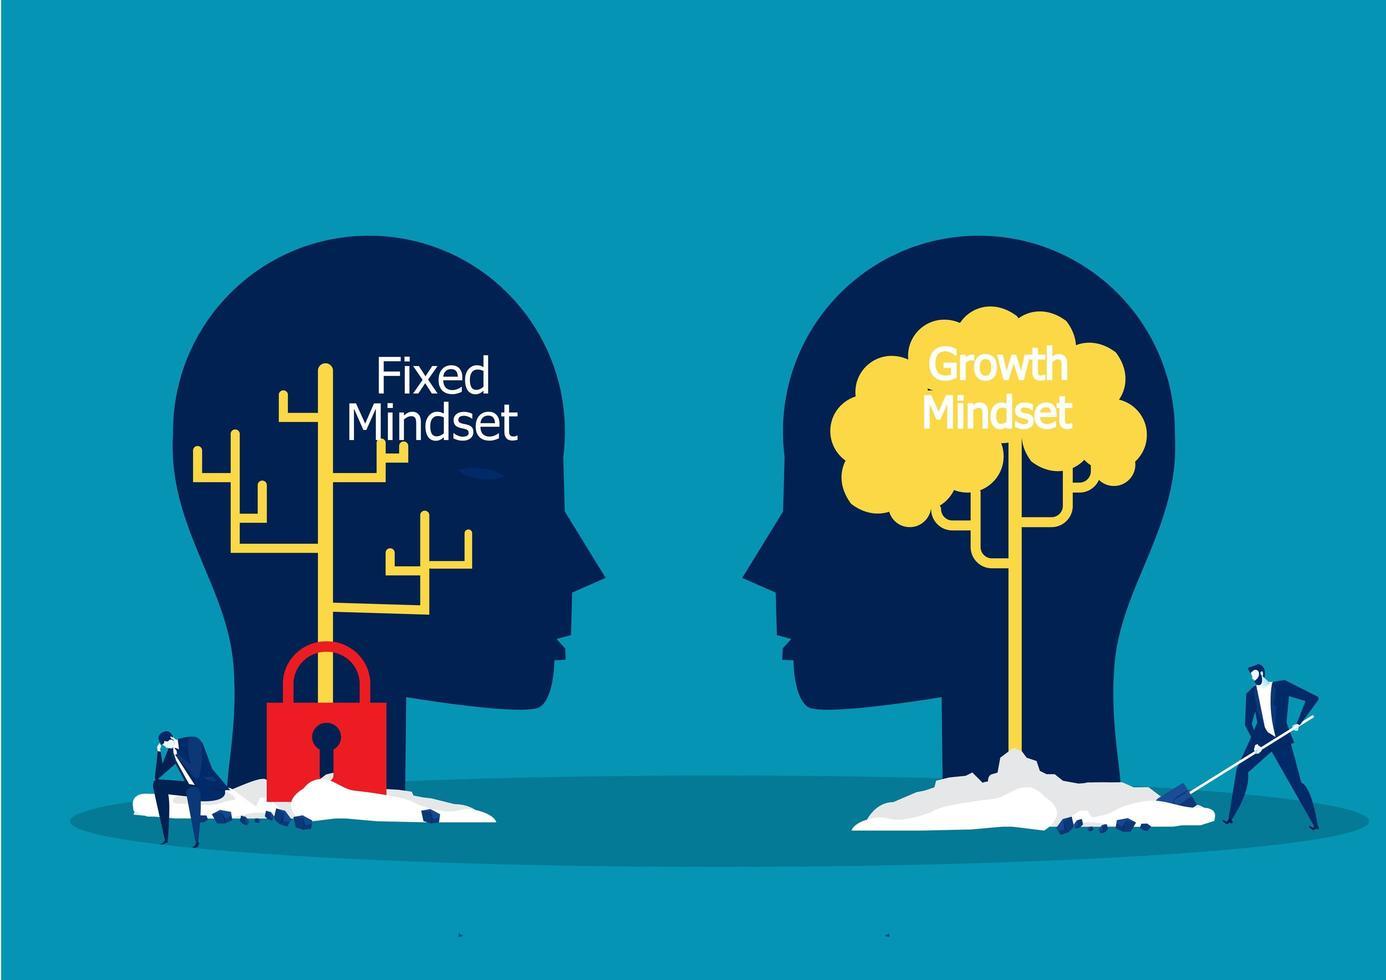 état d'esprit de croissance et concept d'esprit fixe vecteur